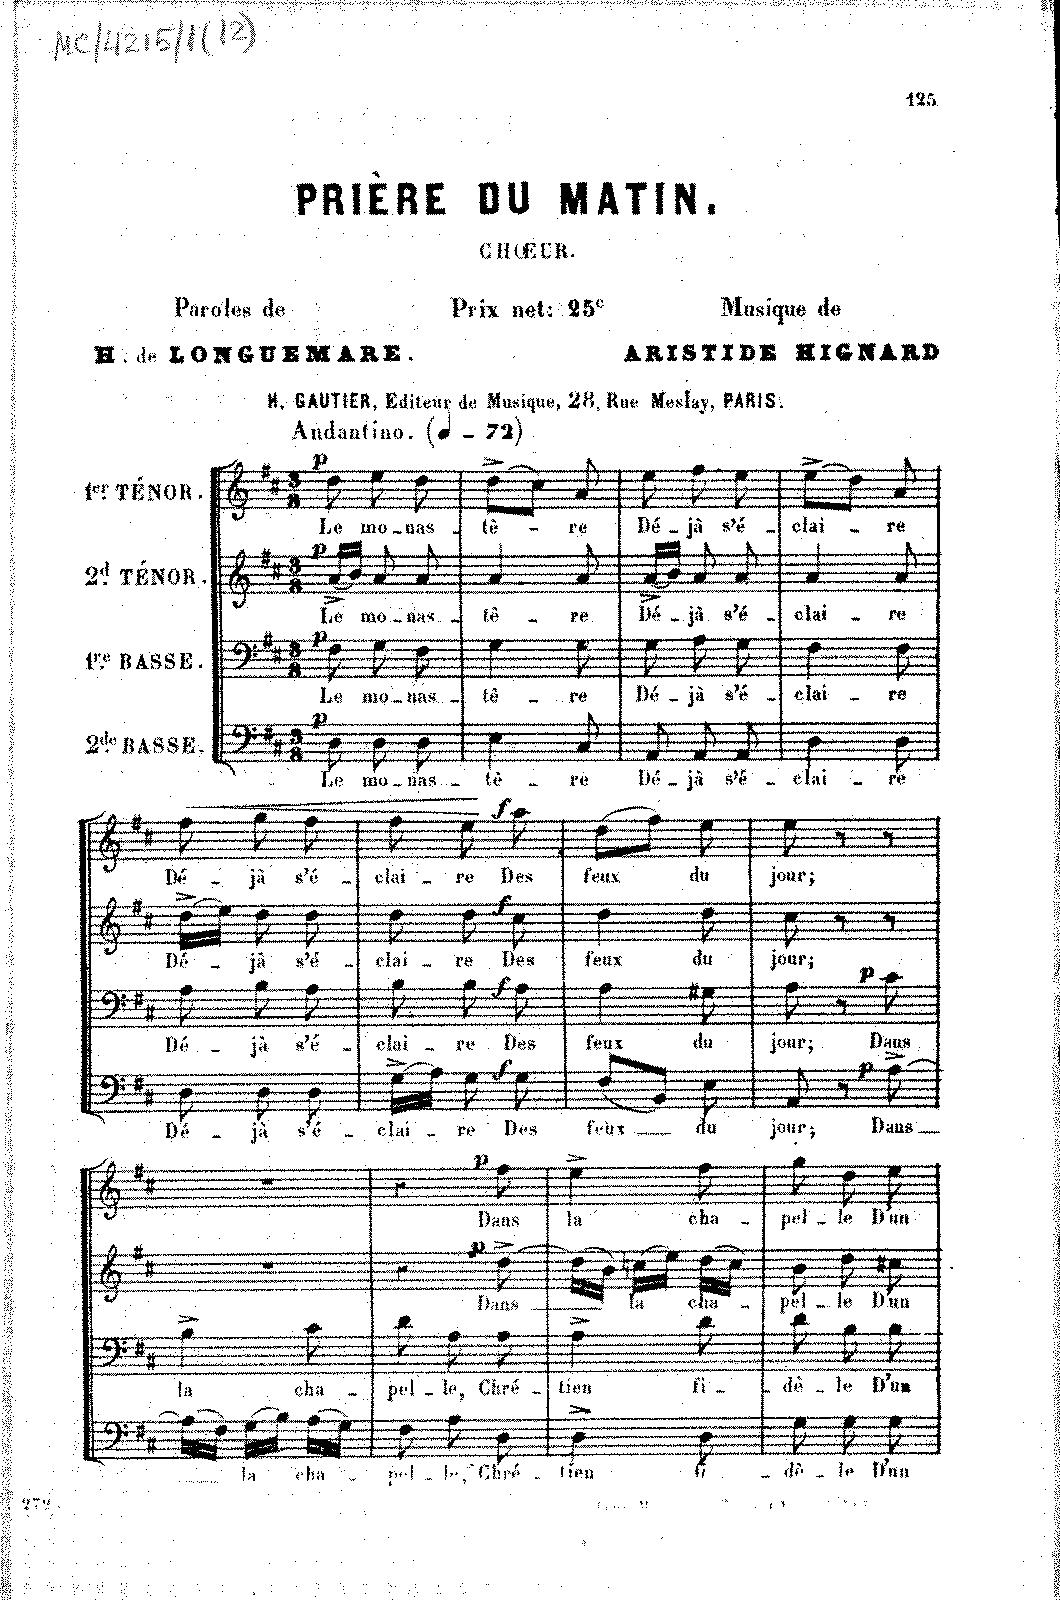 Prière du matin (Hignard, Aristide) - IMSLP/Petrucci Music Library